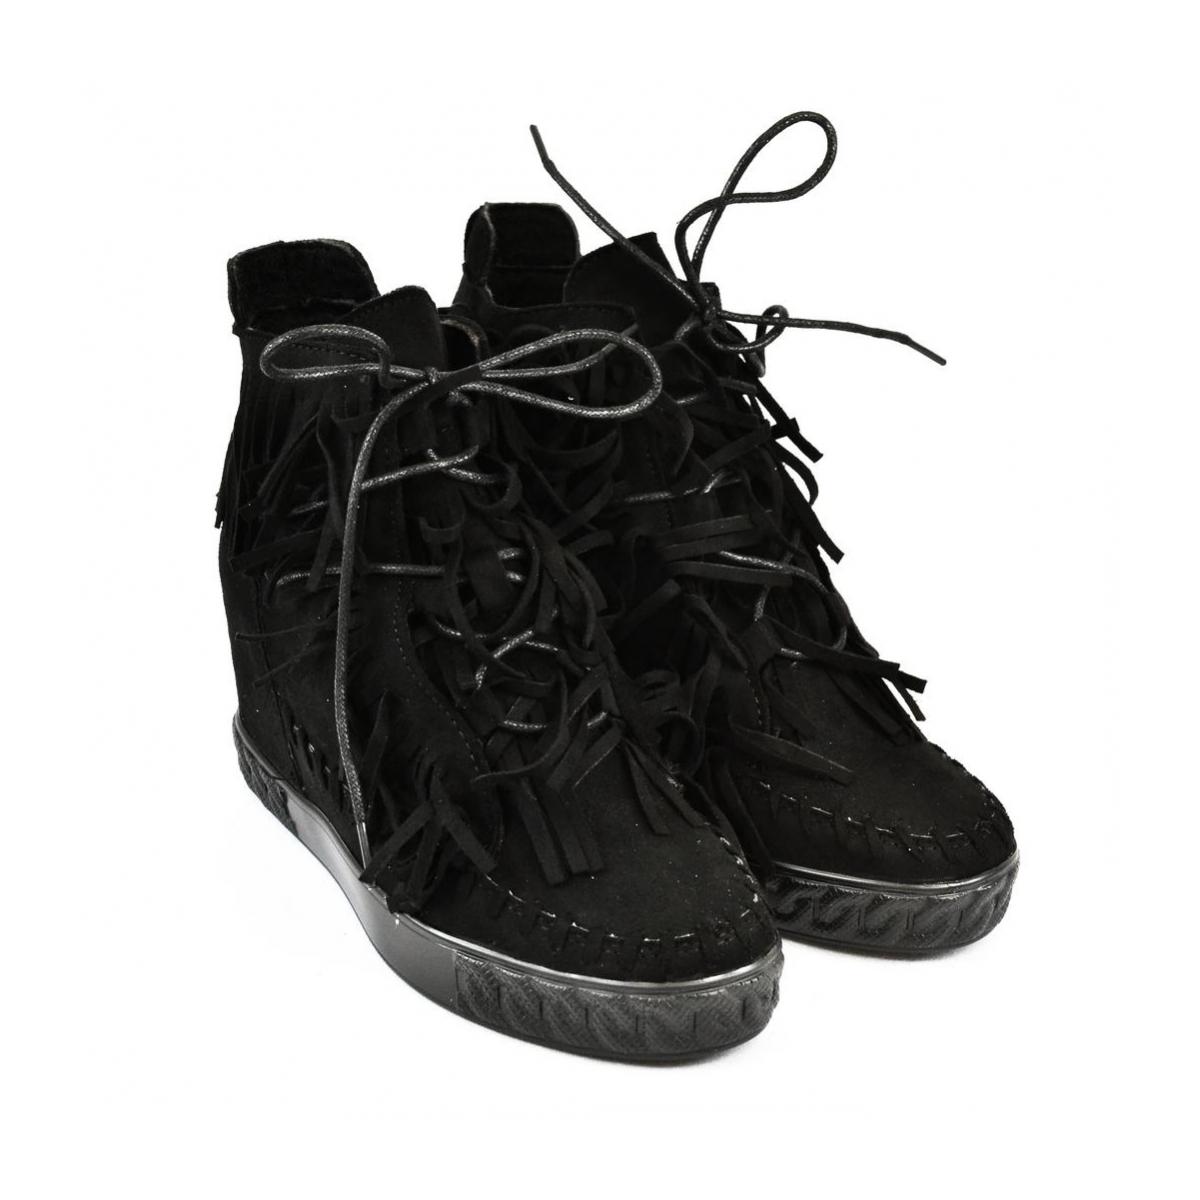 2d48968680 Dámske čierne vysoké tenisky CHEW - 8